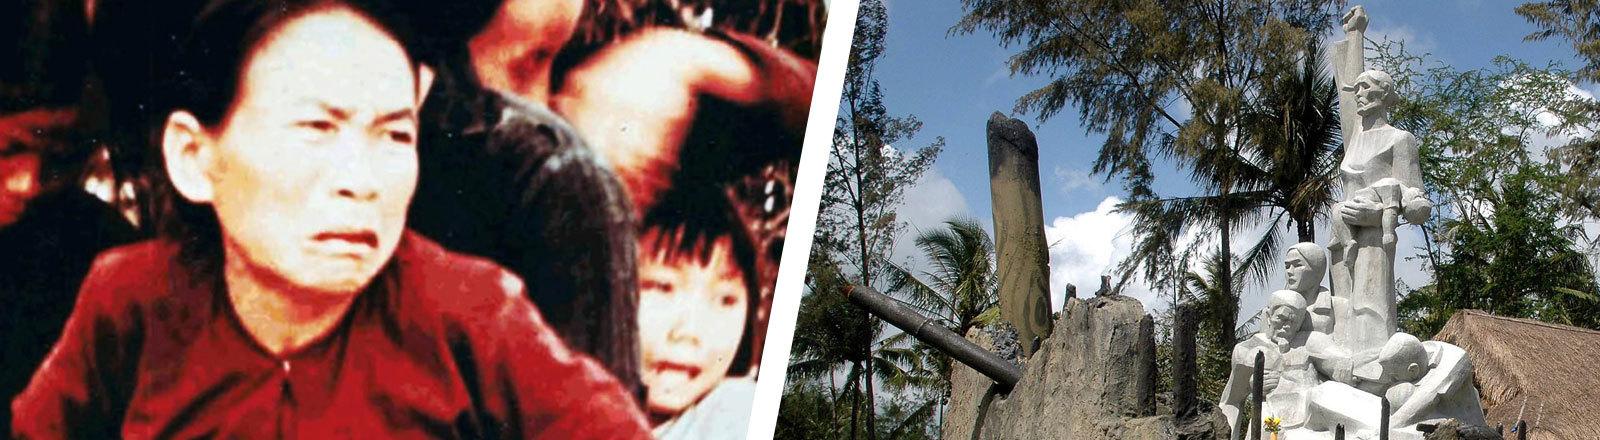 Massaker von My Lai.